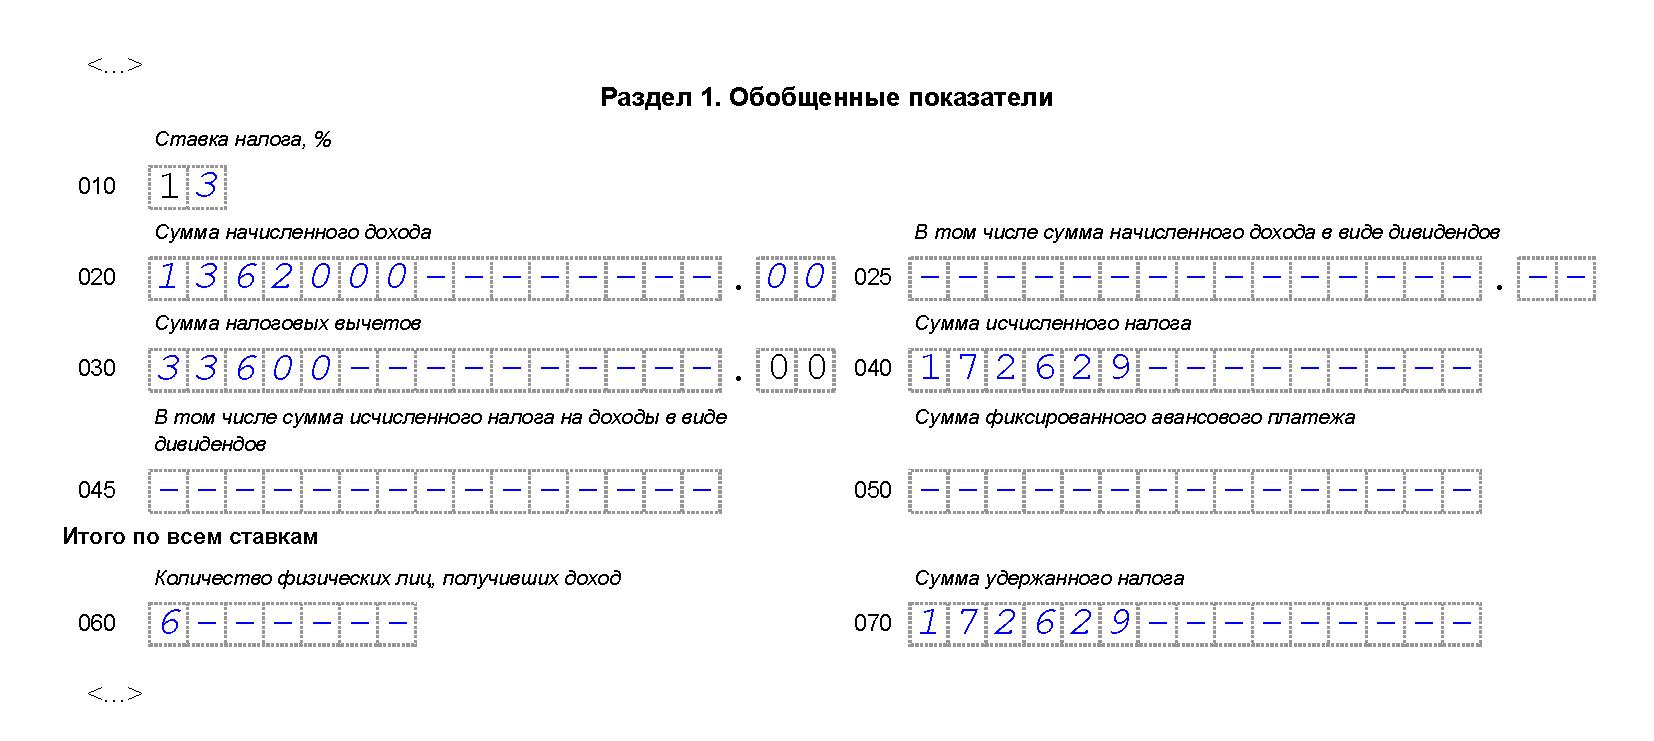 6-НДФЛ с 2016 года пример заполнения за 3 квартал